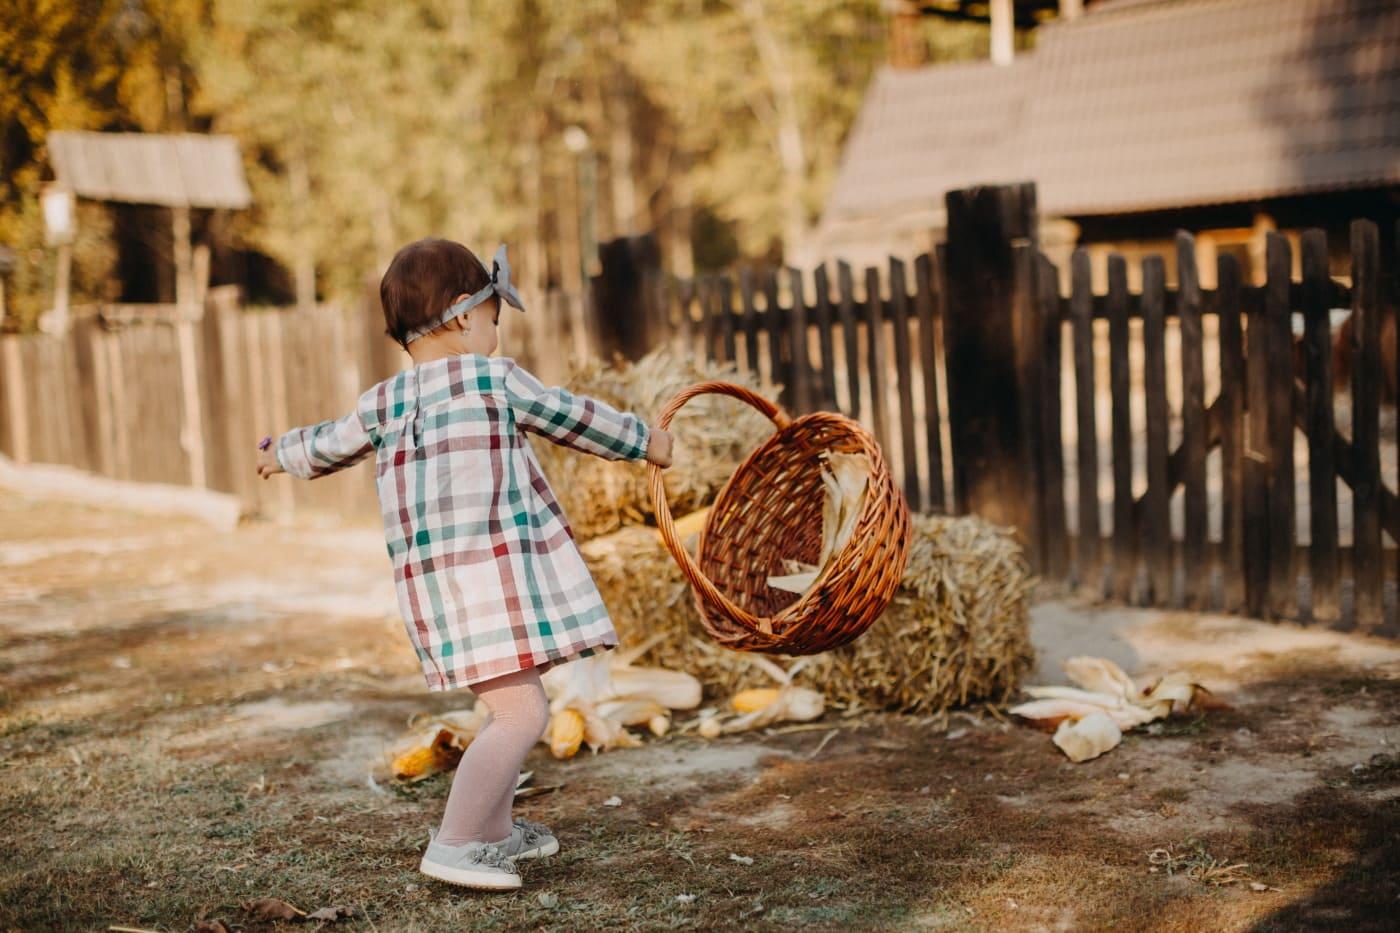 disfrute, pajar, hay, felicidad, infancia, aldea, nina bonita, granero, niño, chica